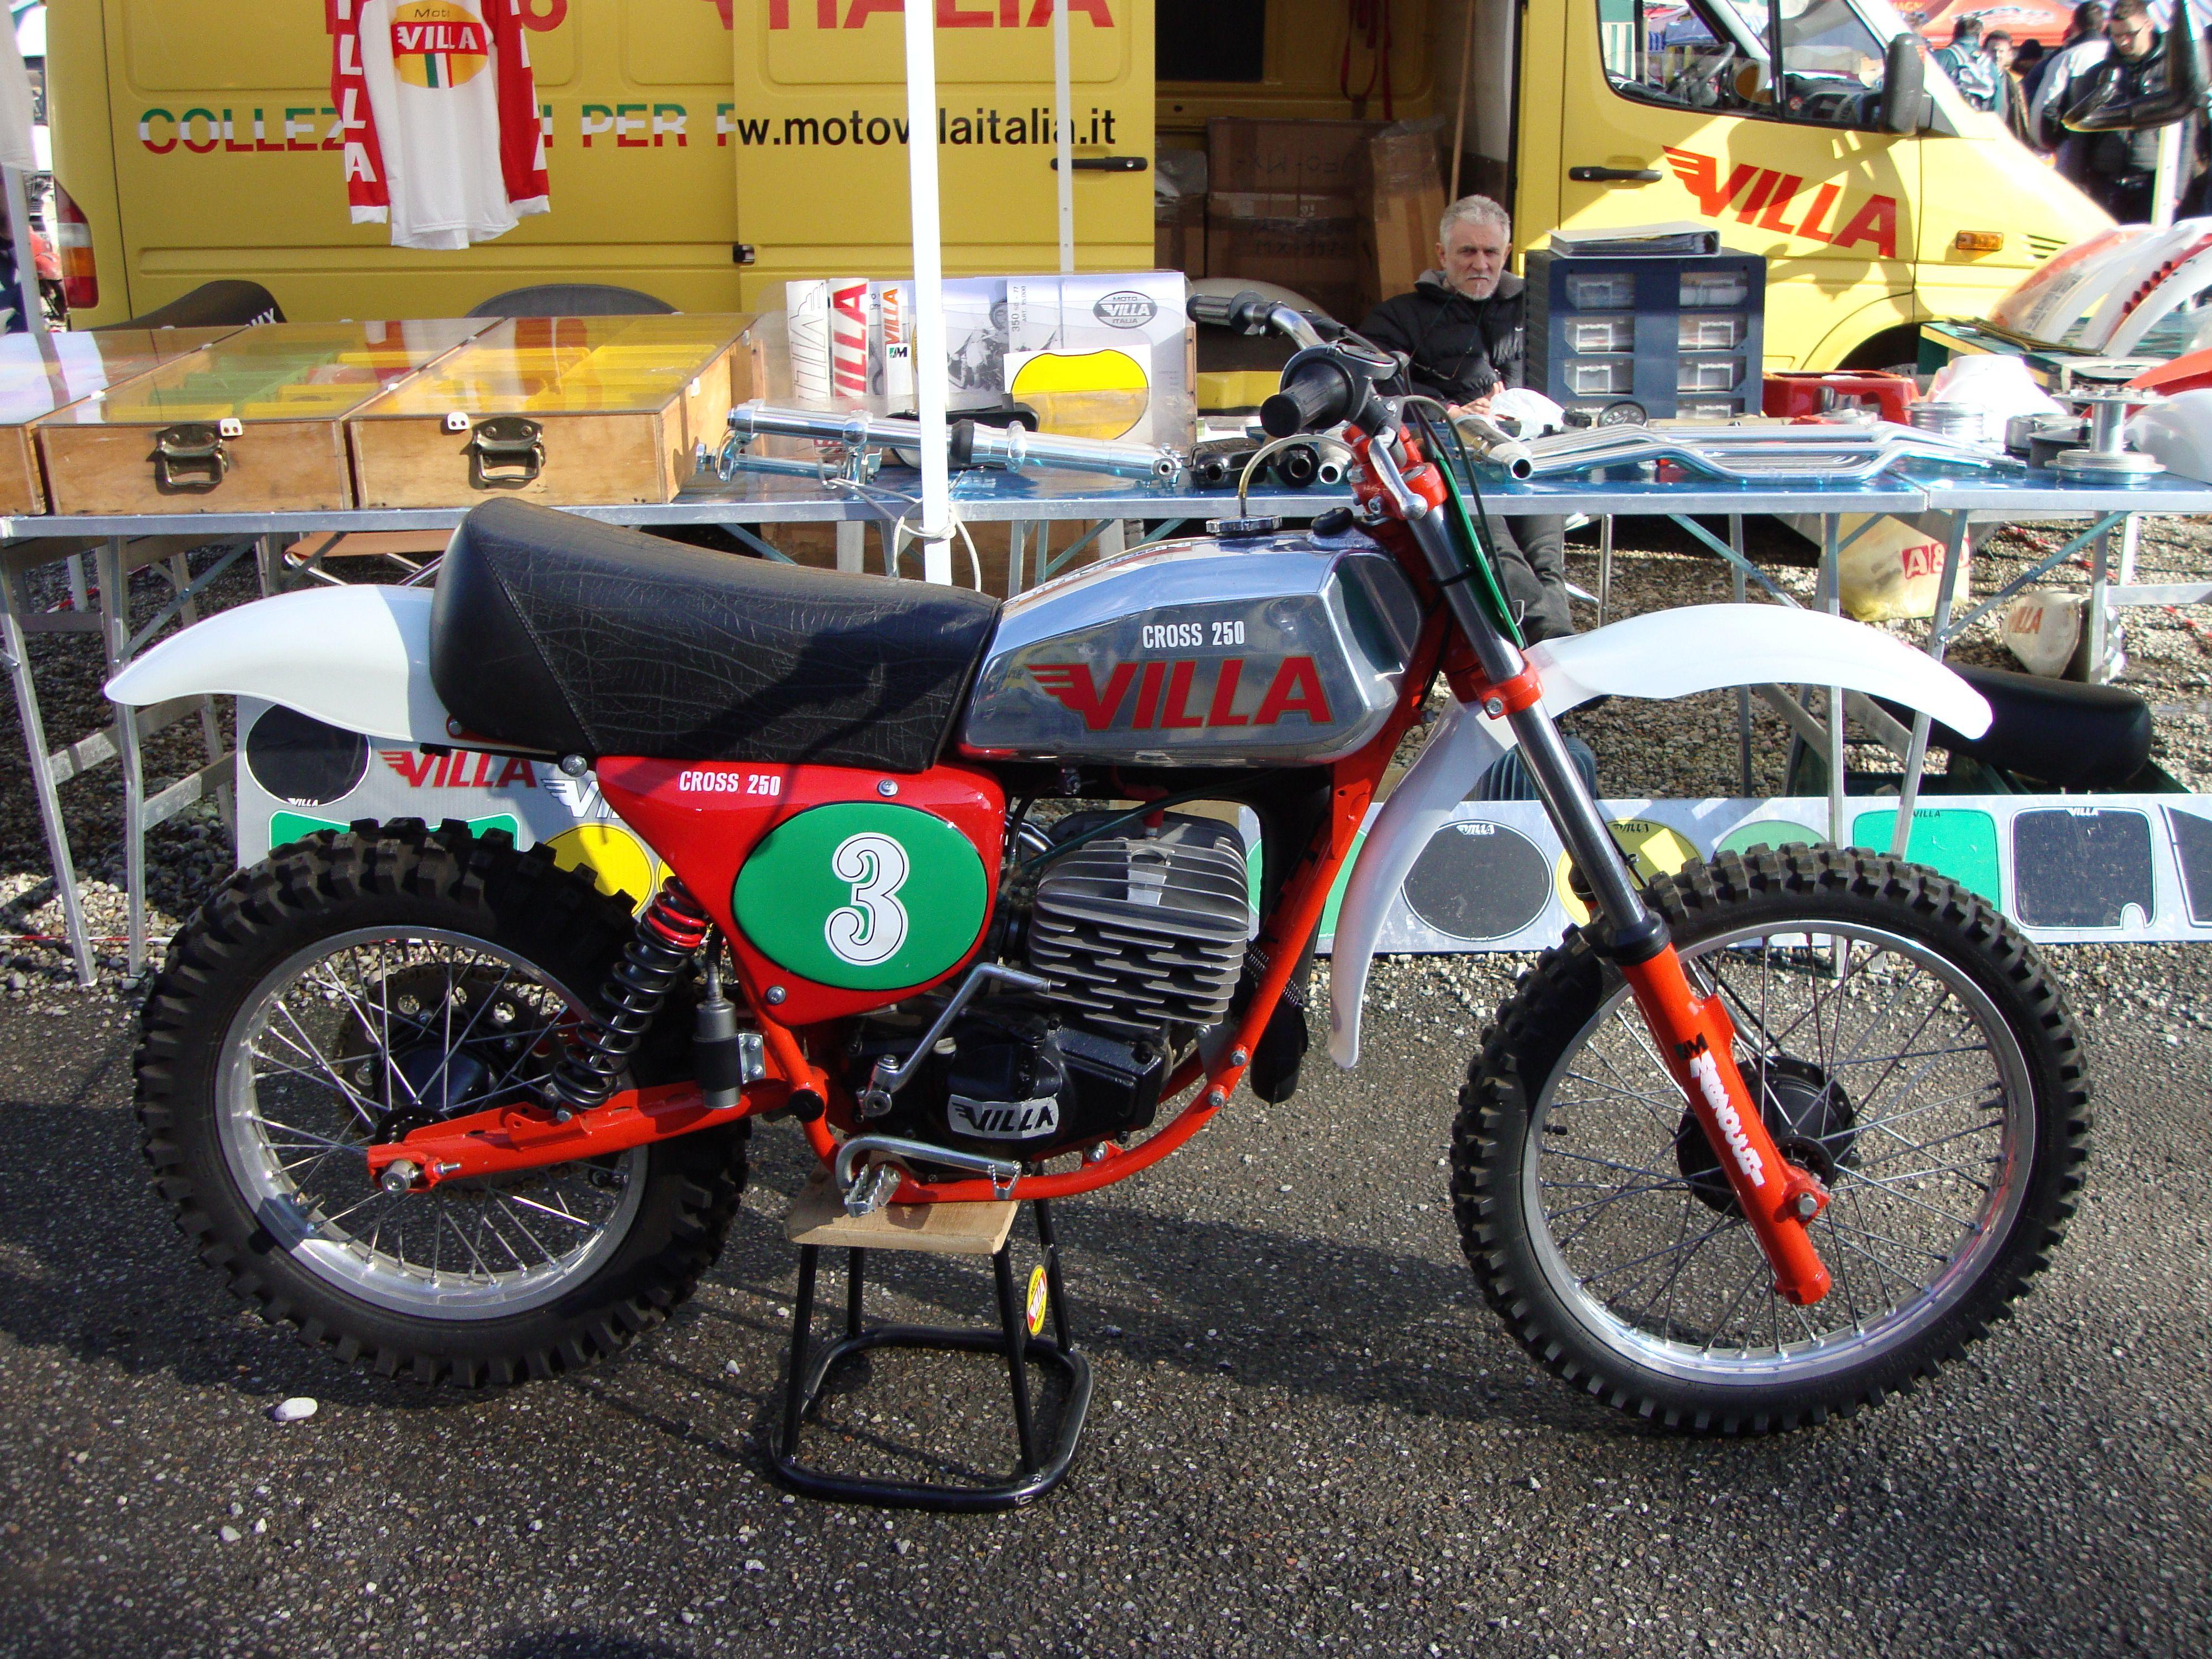 VILLA CR 250 1977